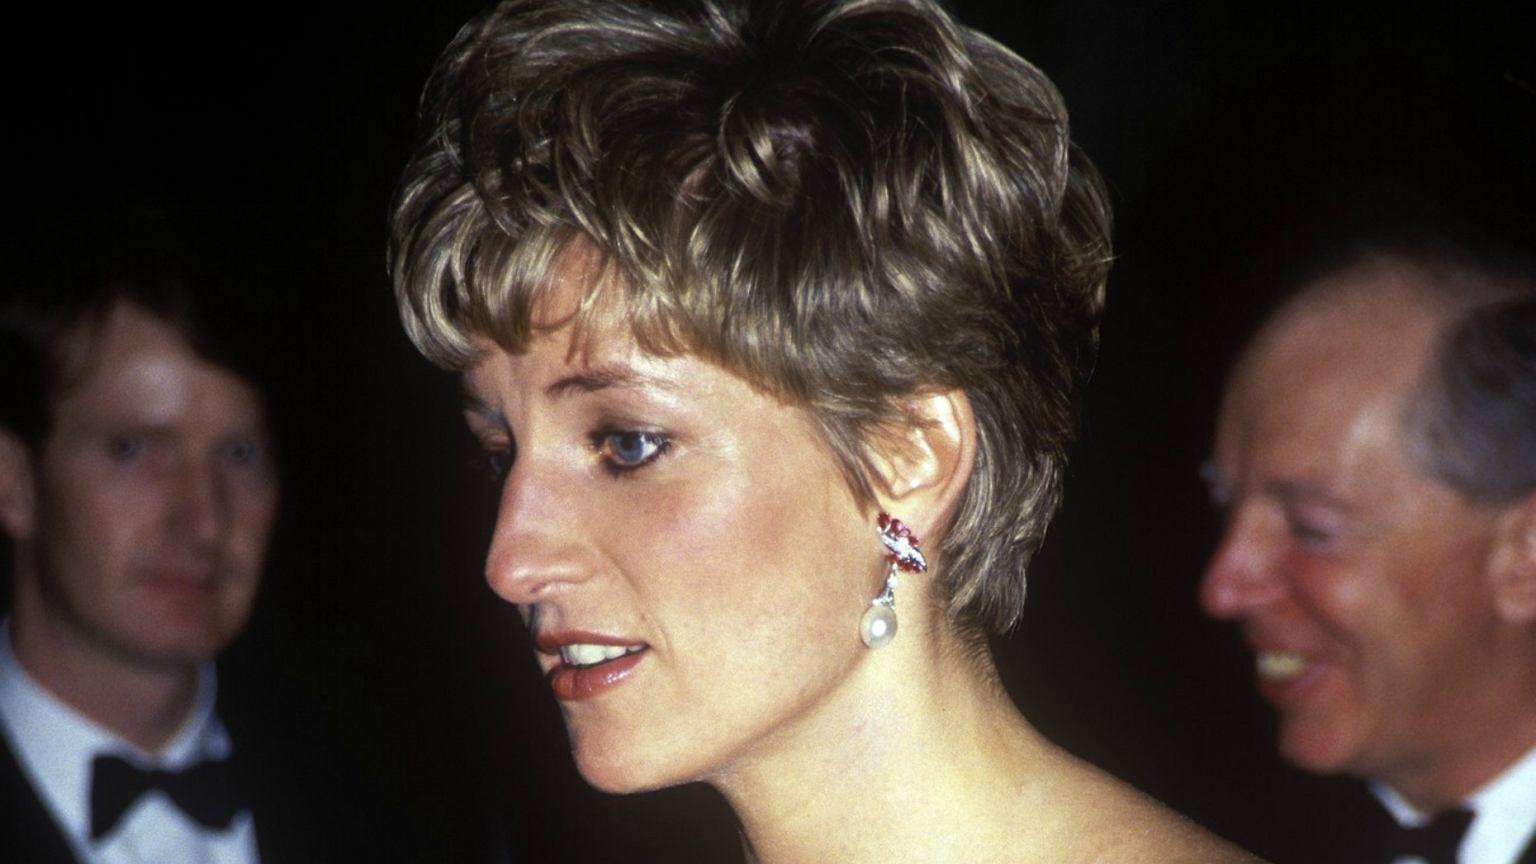 Księżna Diana Nie Została Pochowana W Althorp Park Jej